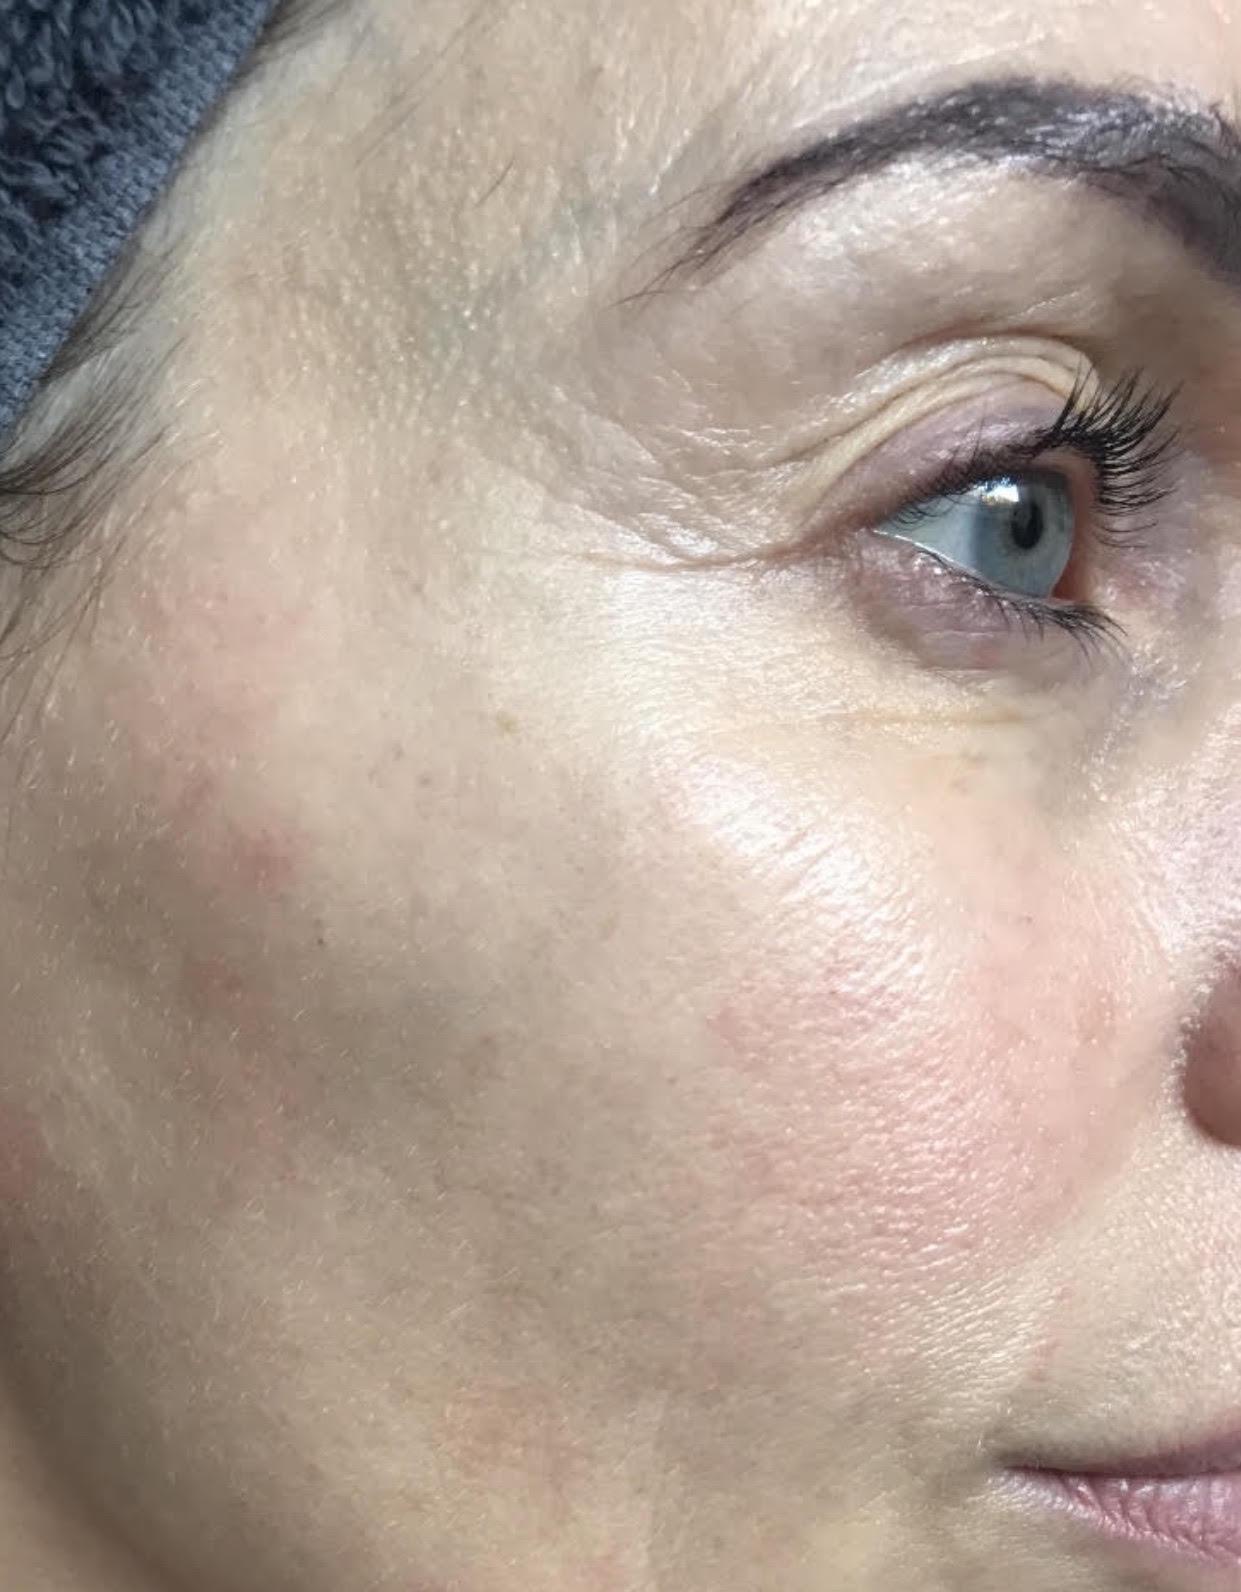 hudpleje, 40+ år, øjencreme, serum, ansigtscreme, tips